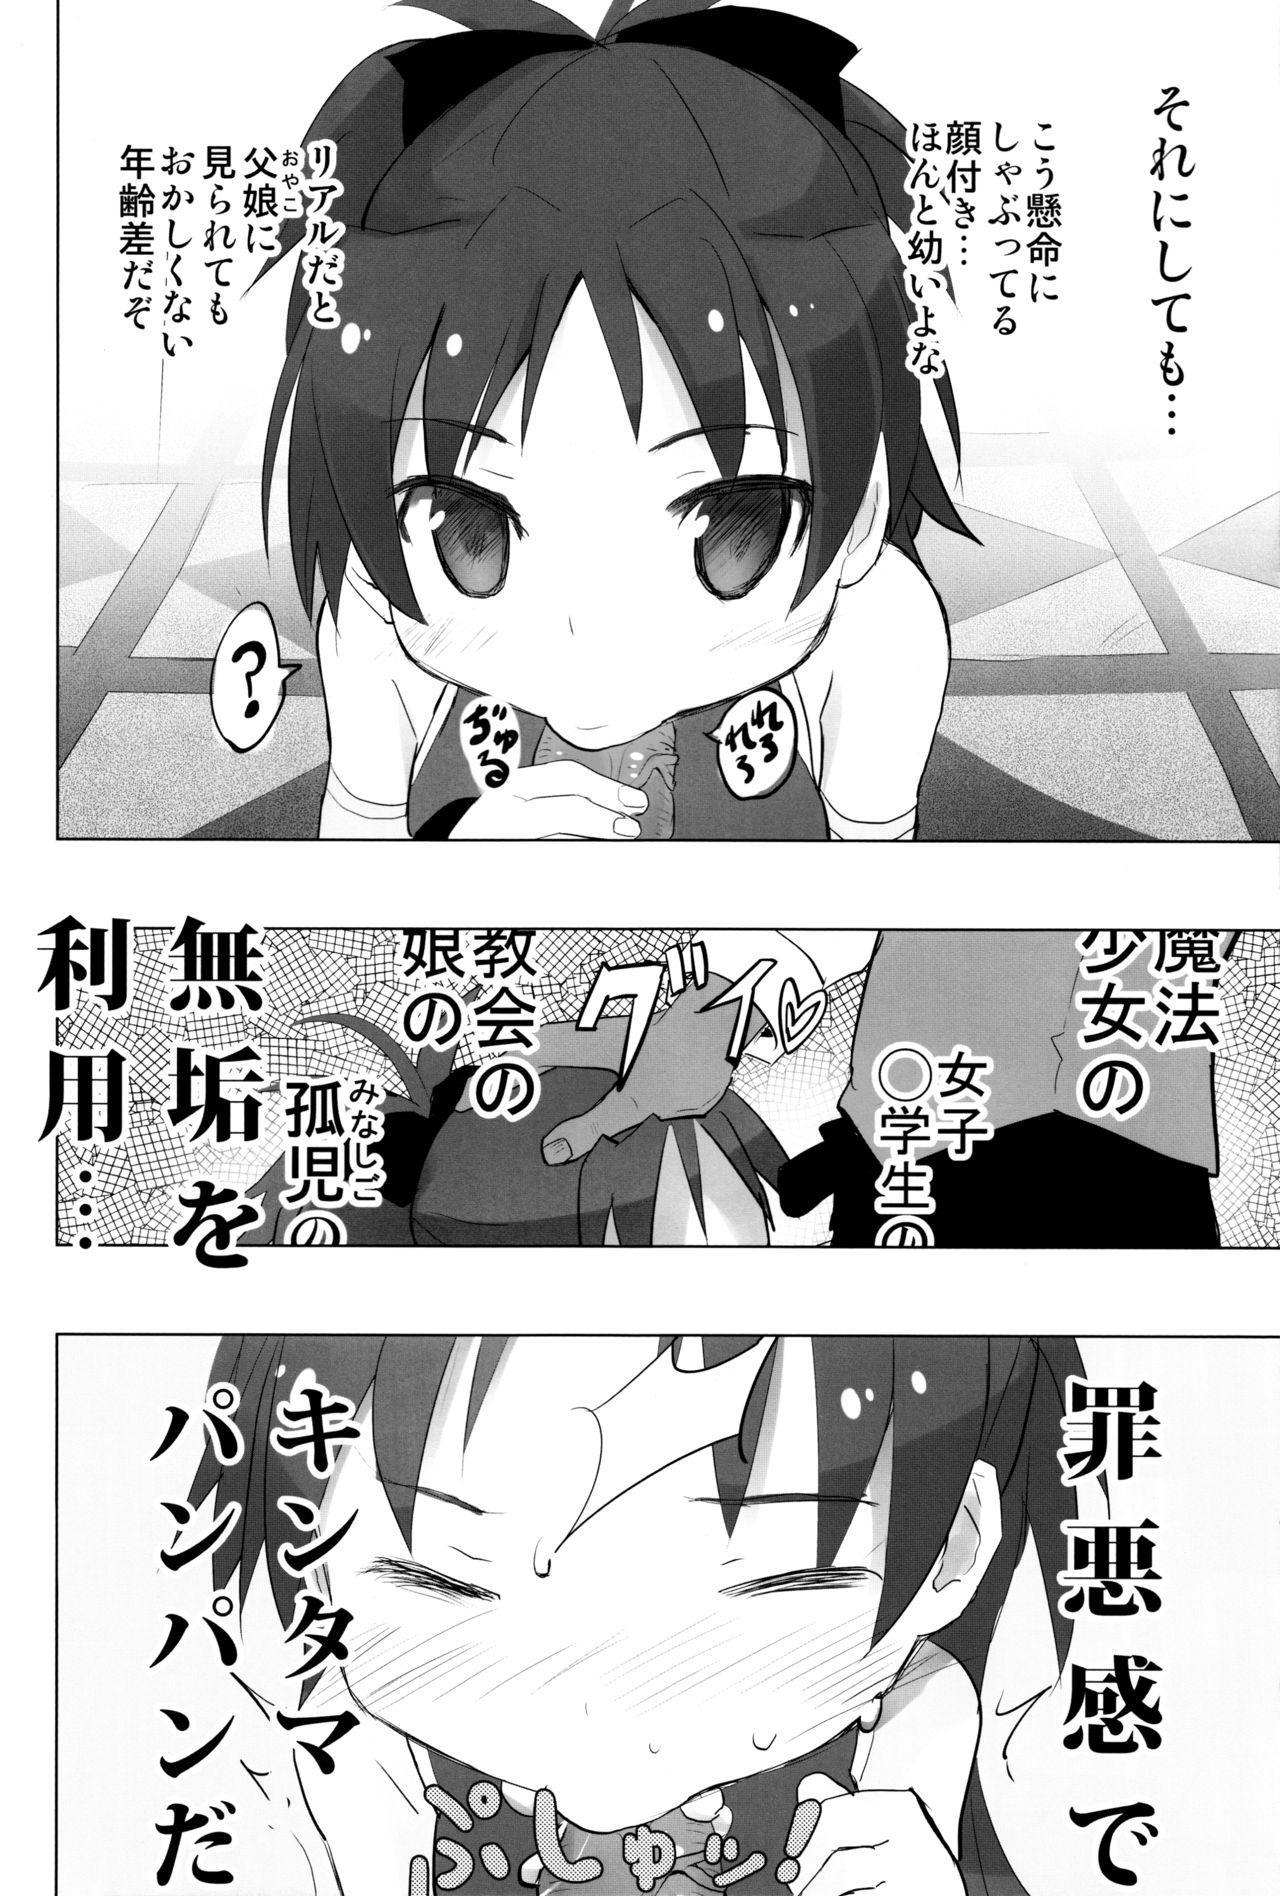 MadoOn no Sekai dato Ossan wa Mahou Shoujo de Sunao na Kyouko-chan o Tsuremawashite Zaiakukan Bokki 6